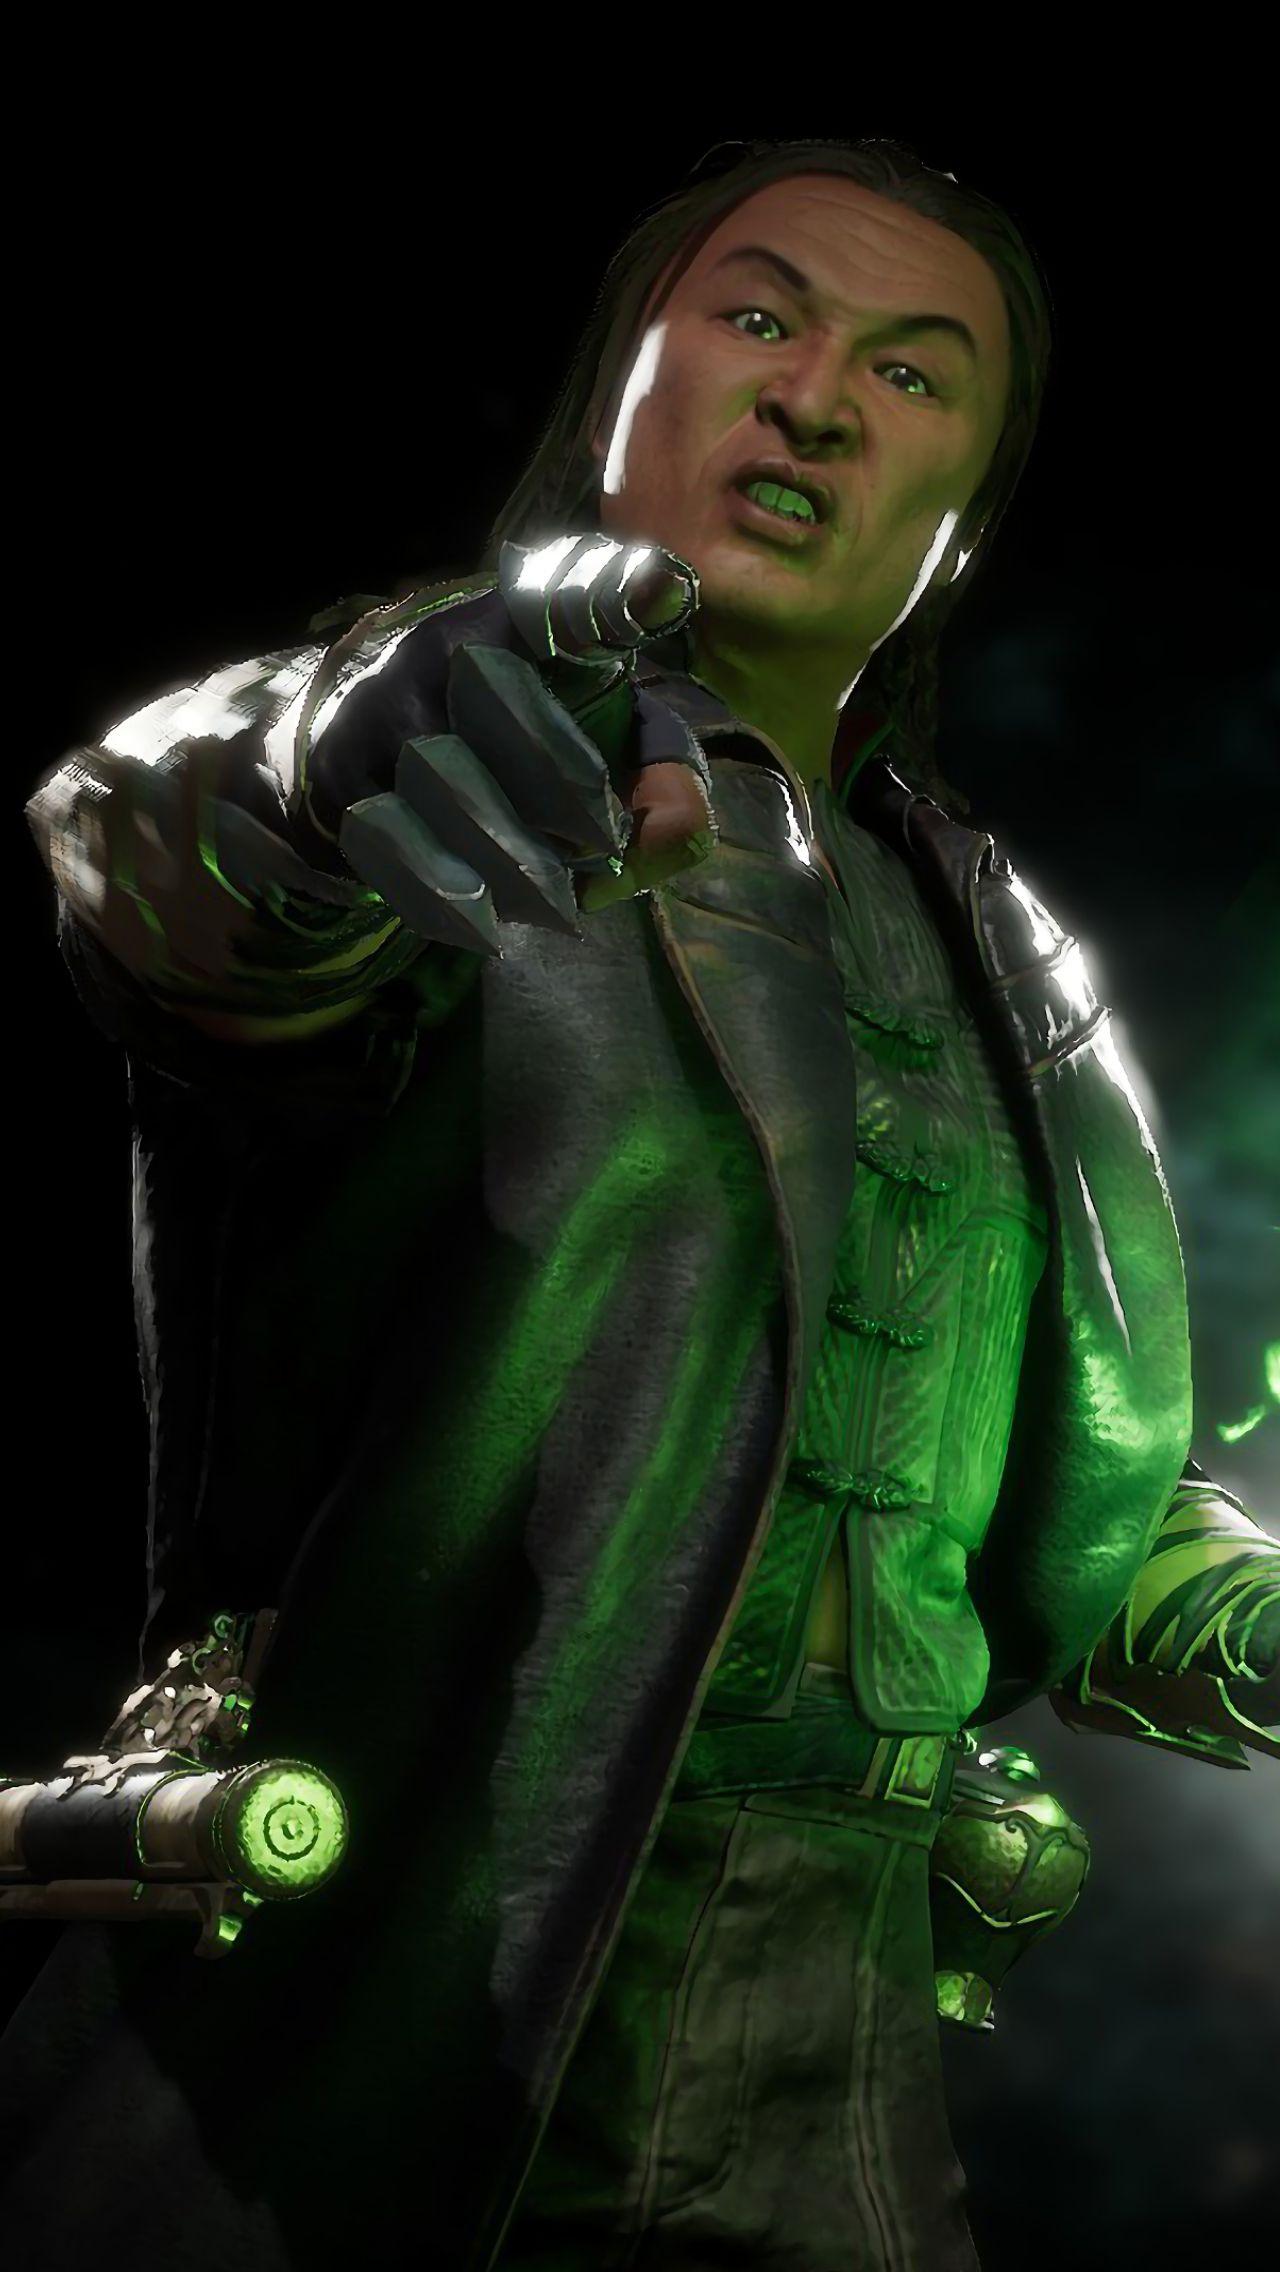 10 самых сильных персонажей во вселенной Mortal Kombat